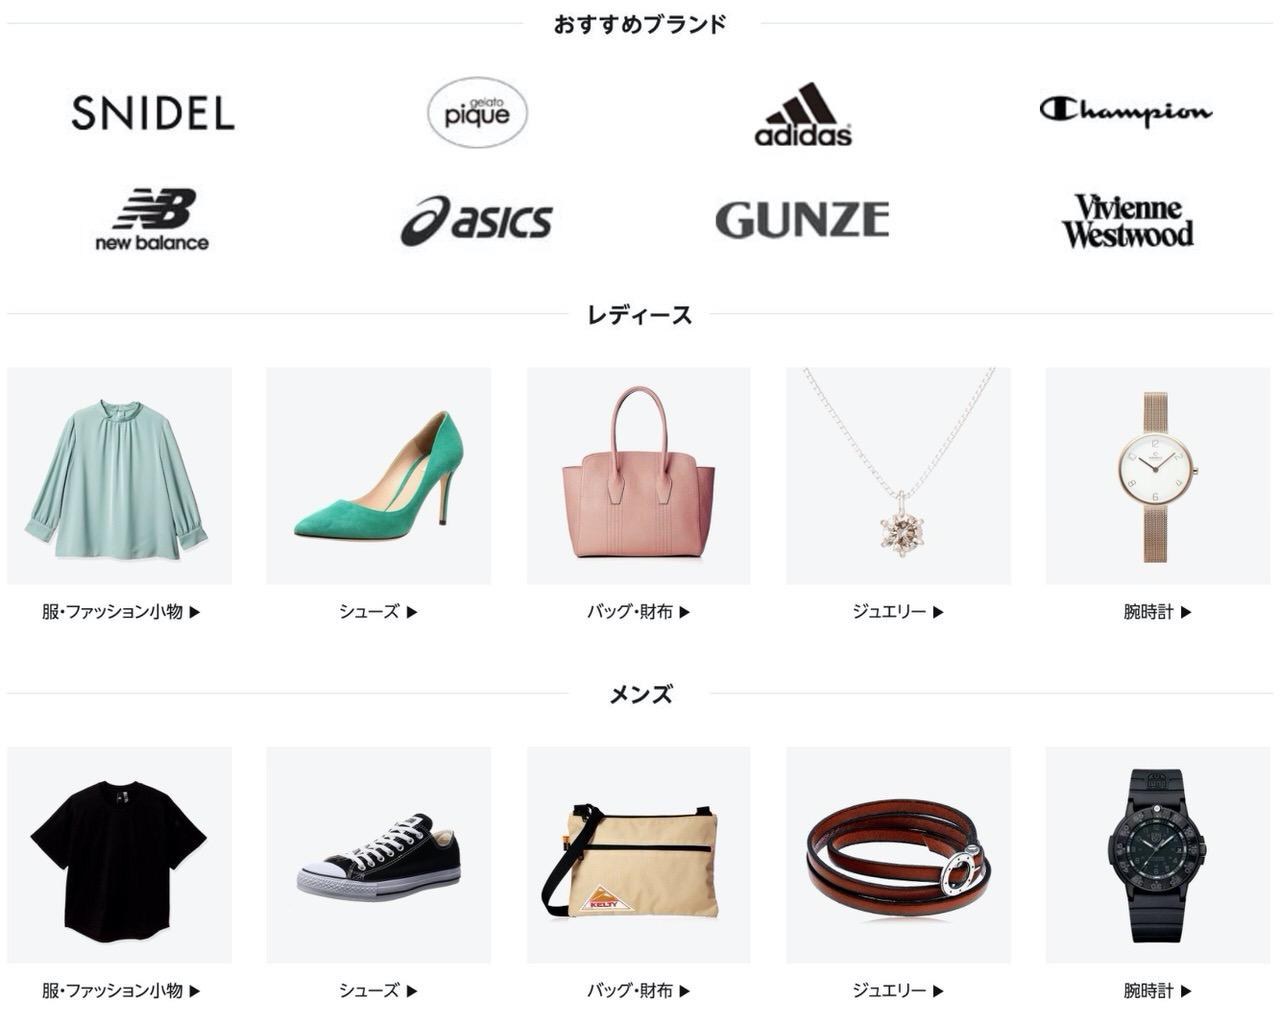 【Amazon】服・シューズ・バッグ・腕時計などがクーポンで最大15%オフになる割引キャンペーン